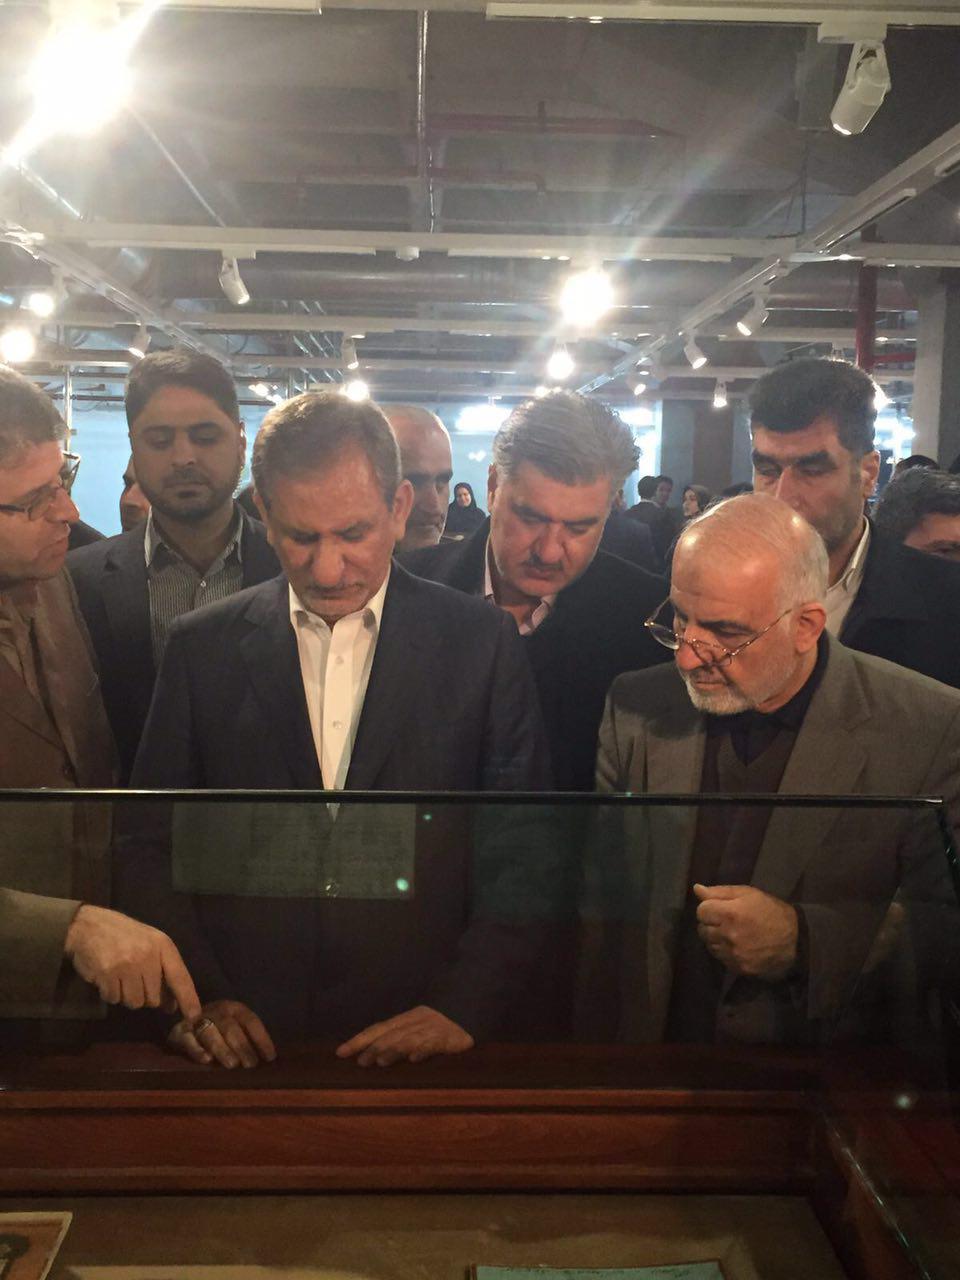 آیین افتتاح موزه کتاب و رونمایی از مجموعه تصویری ایران برگزار شد